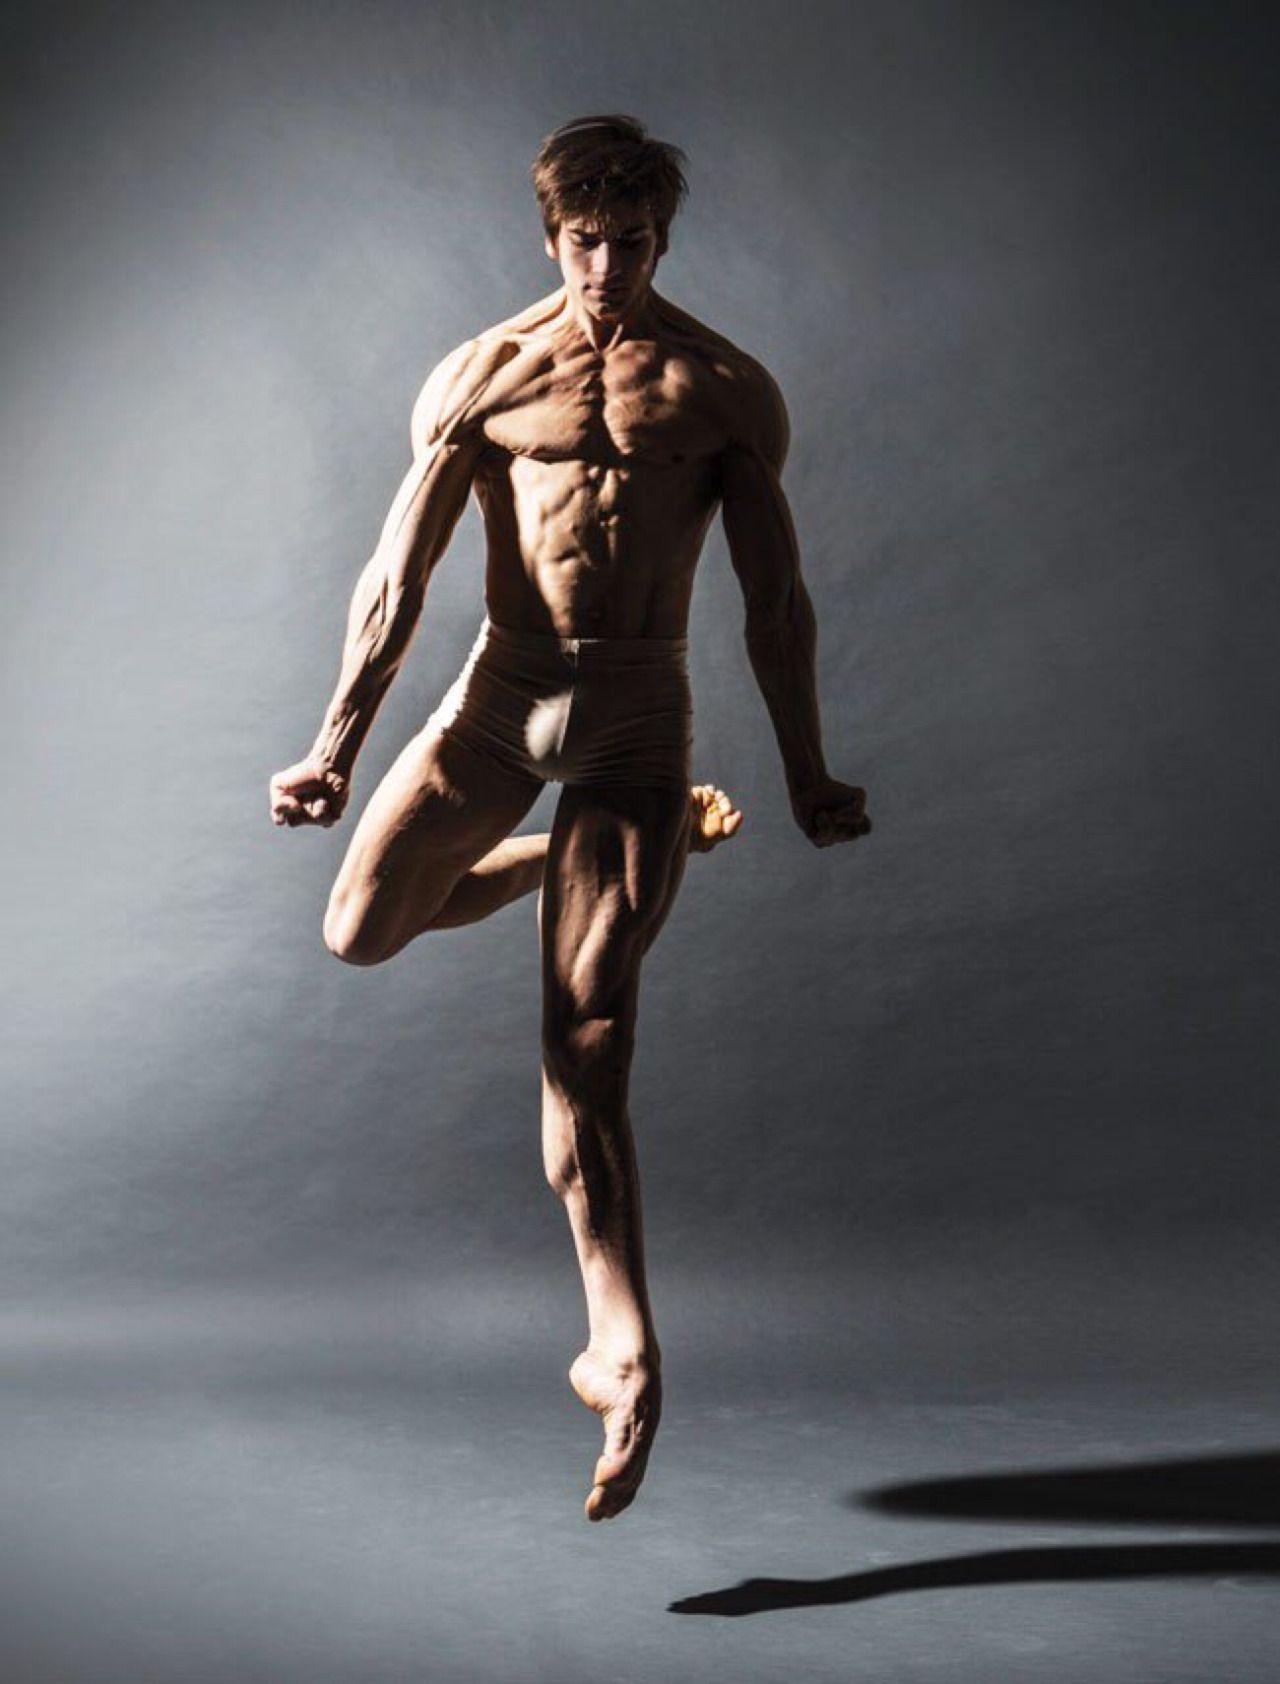 Spassioneperladanza: Friedemann Vogel..wow, his muscle definition is ...